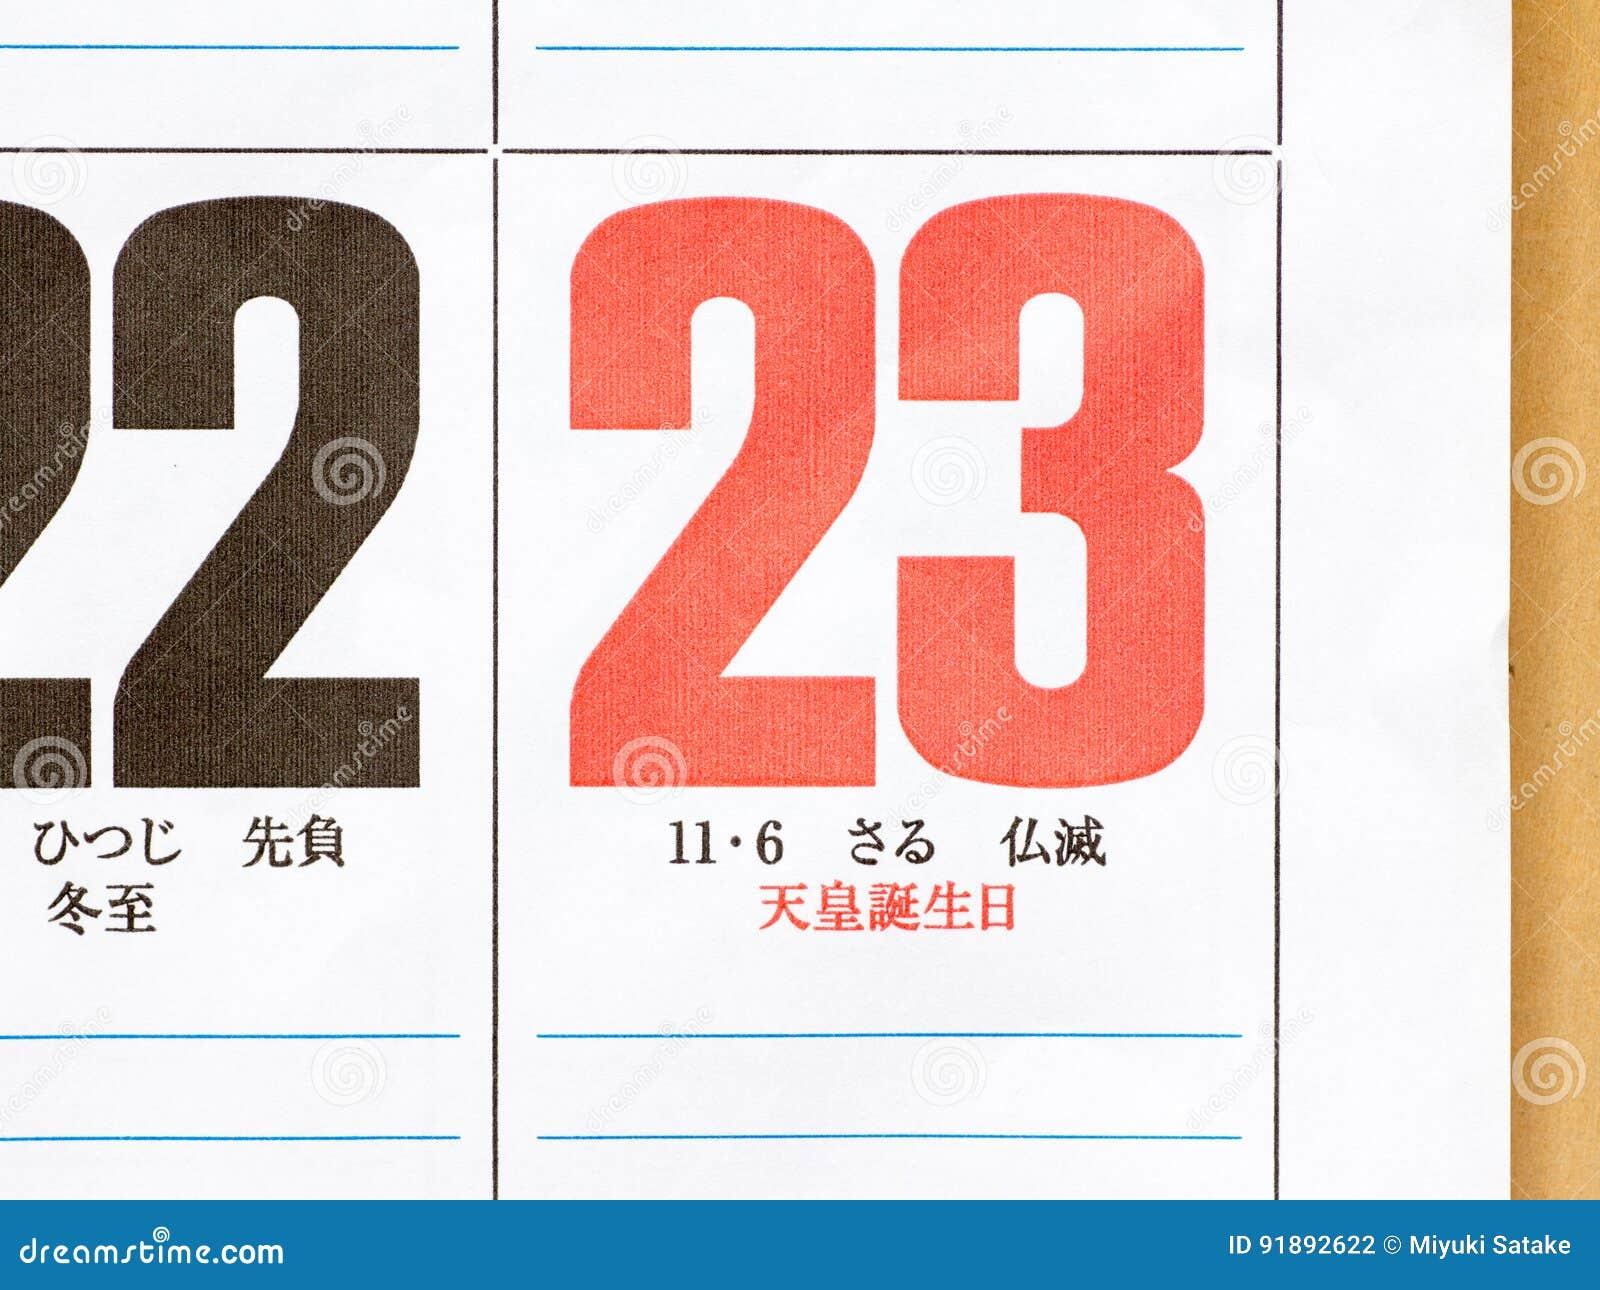 誕生 日 2021 天皇